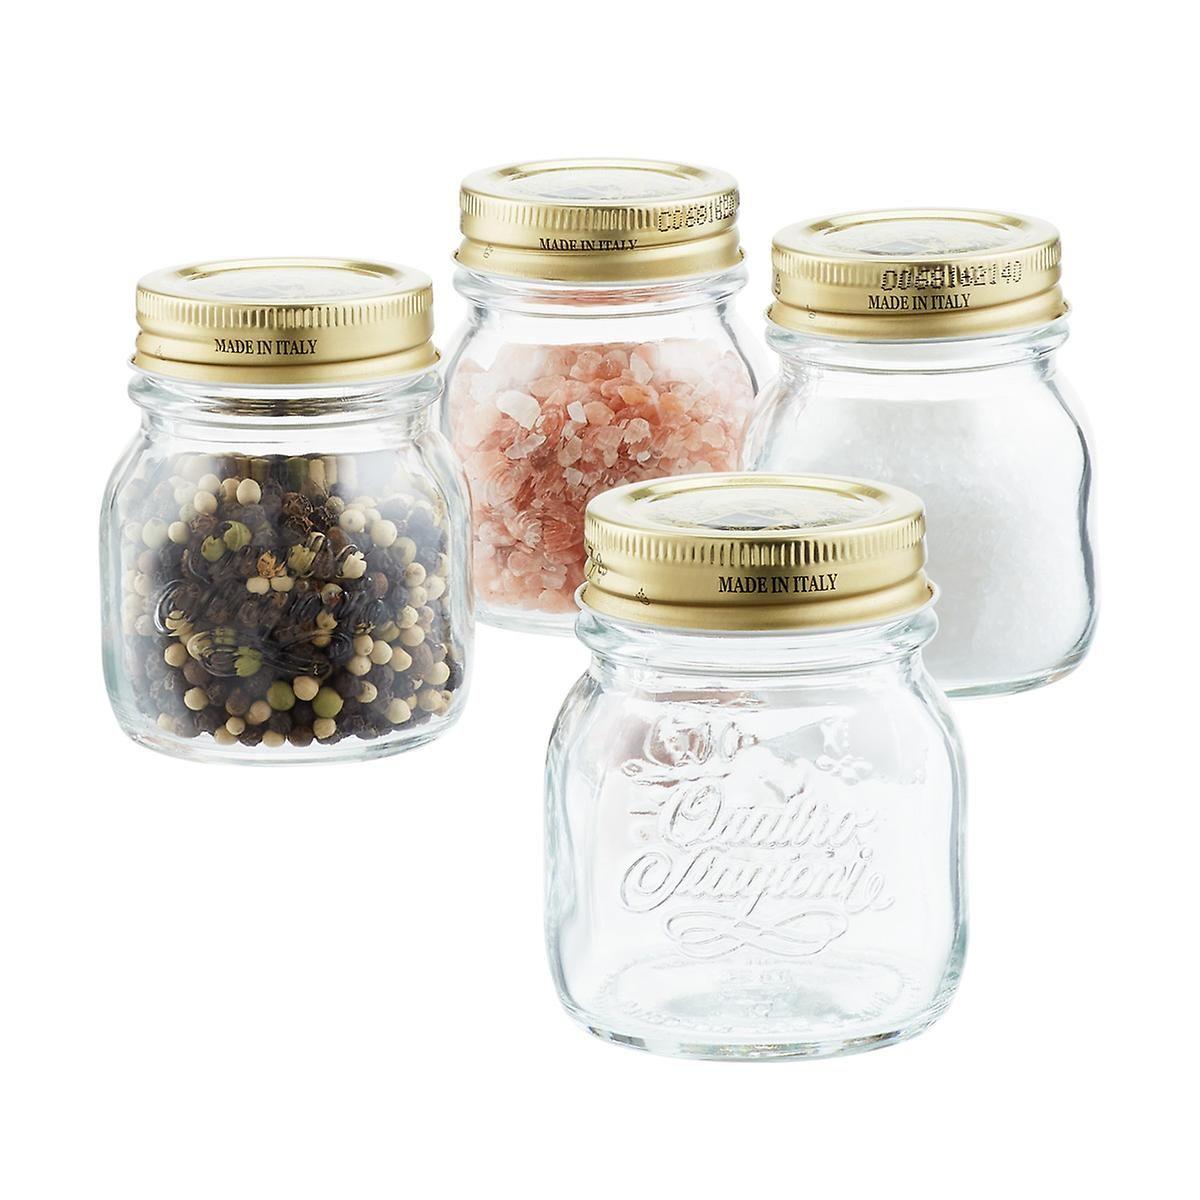 Quattro Stagioni 5 Oz Glass Spice Jar Spice Jars Glass Spice Jars Jar